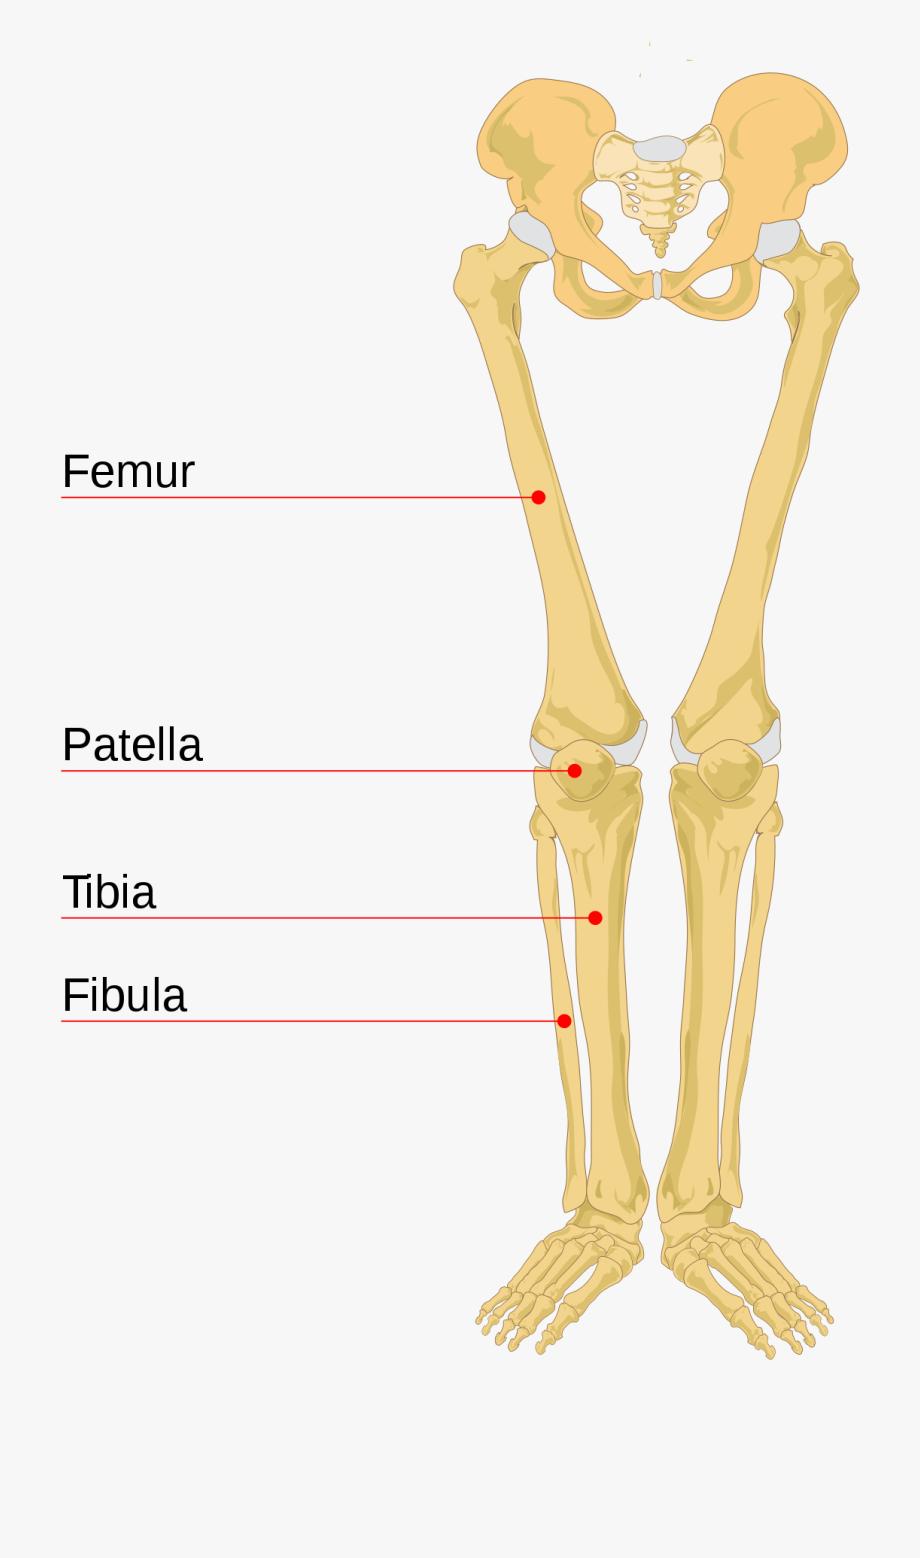 Leg Bone Wikipedia Leg Anatomy Diagram Legs Bones Diagram.